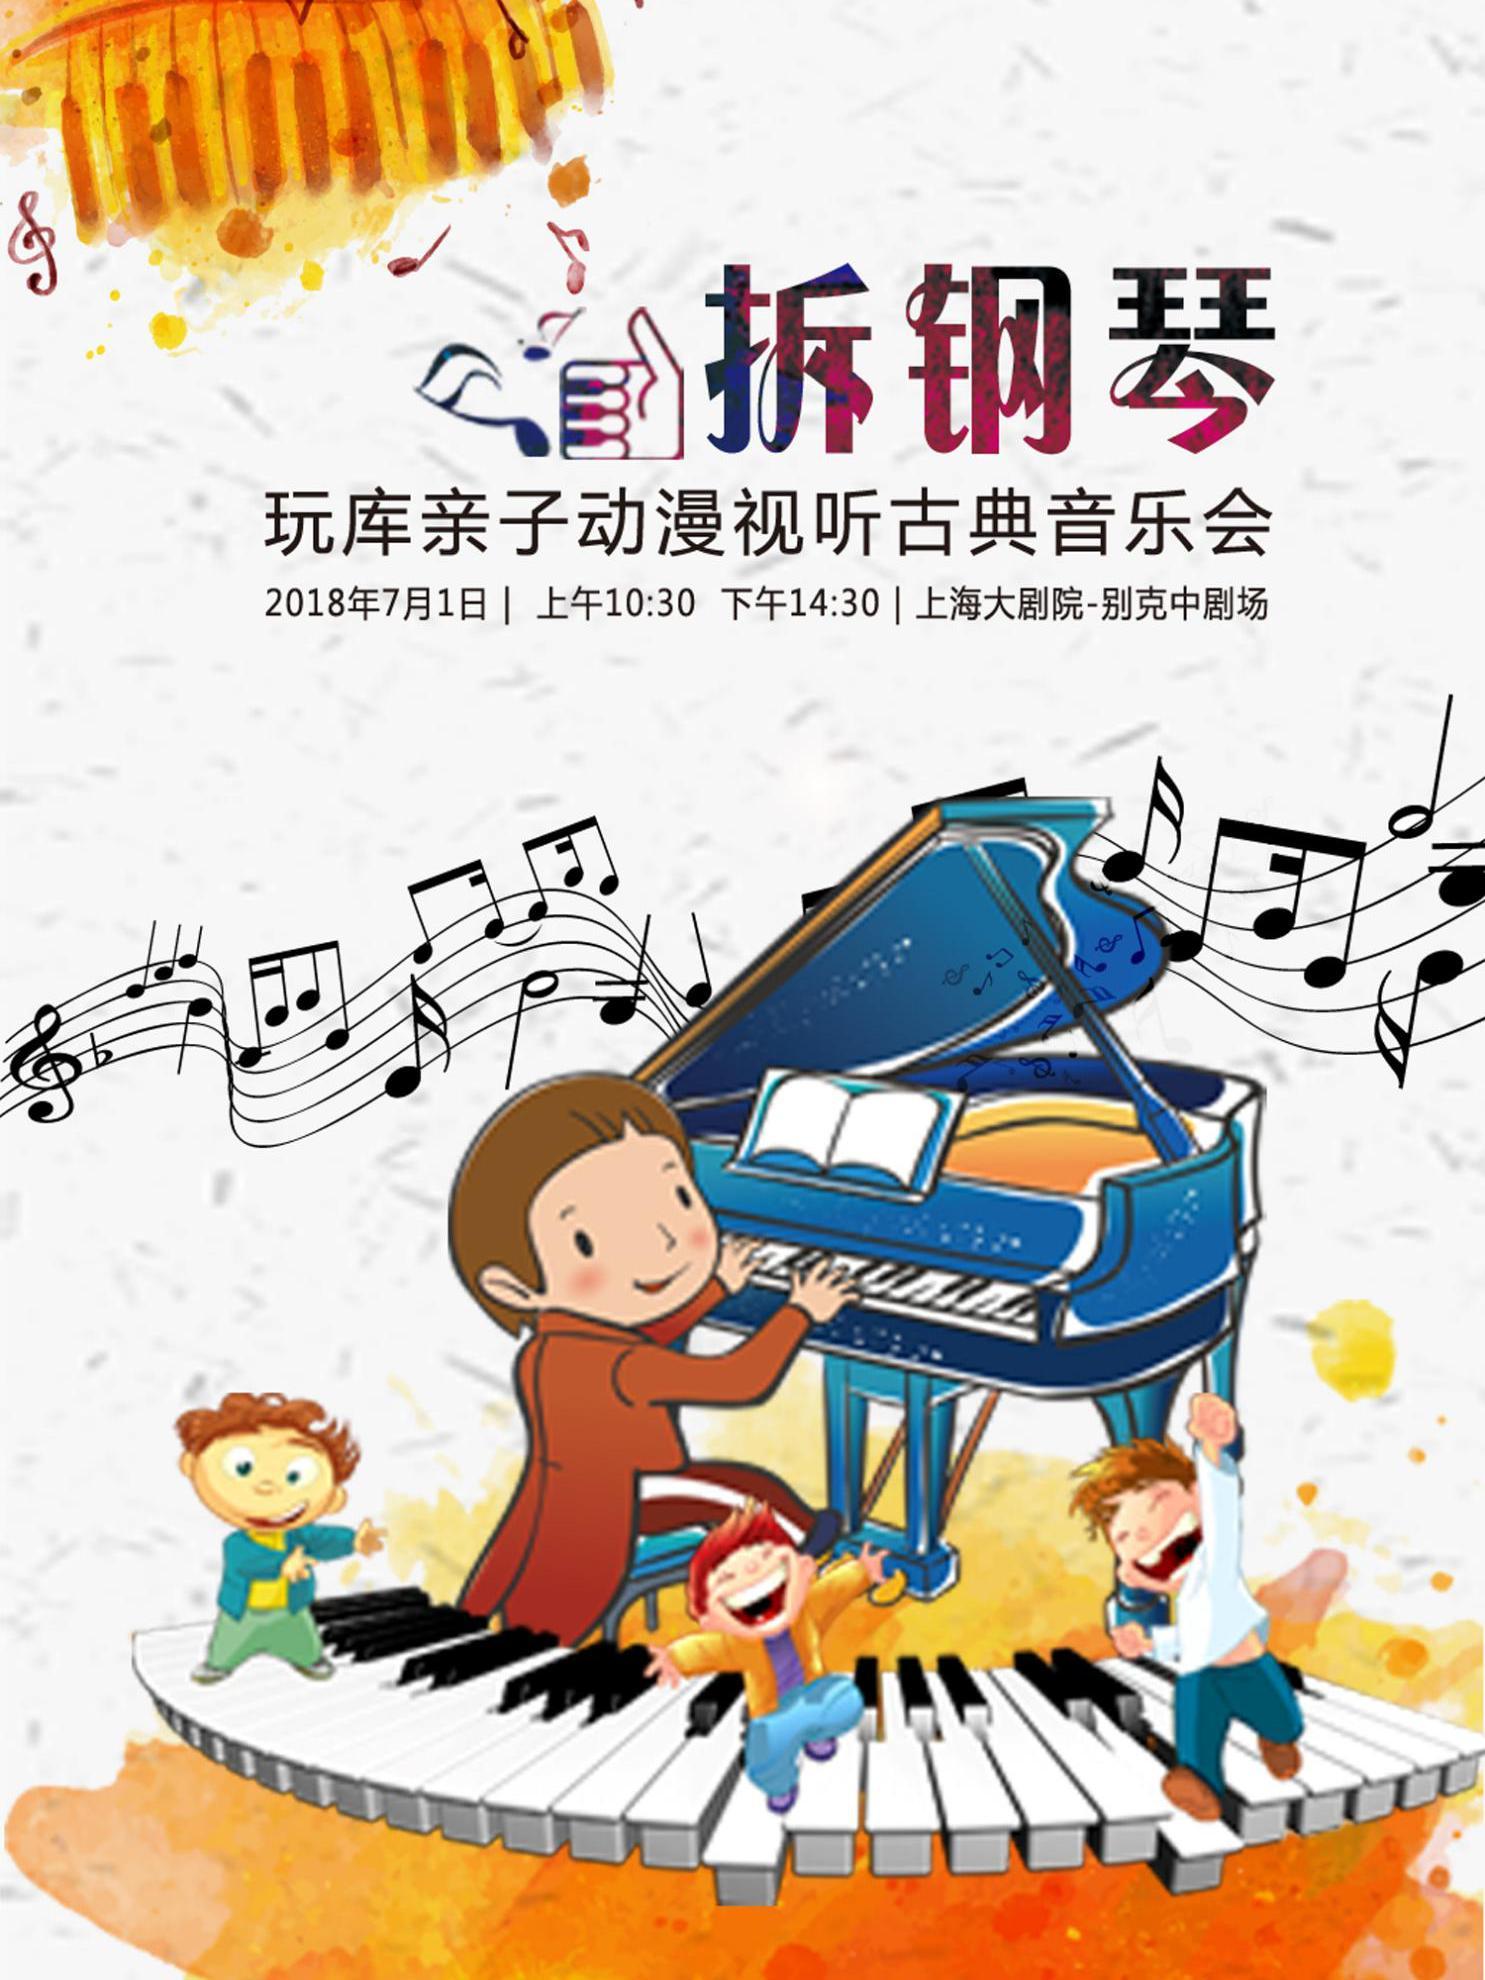 玩库古典音乐会《拆钢琴》